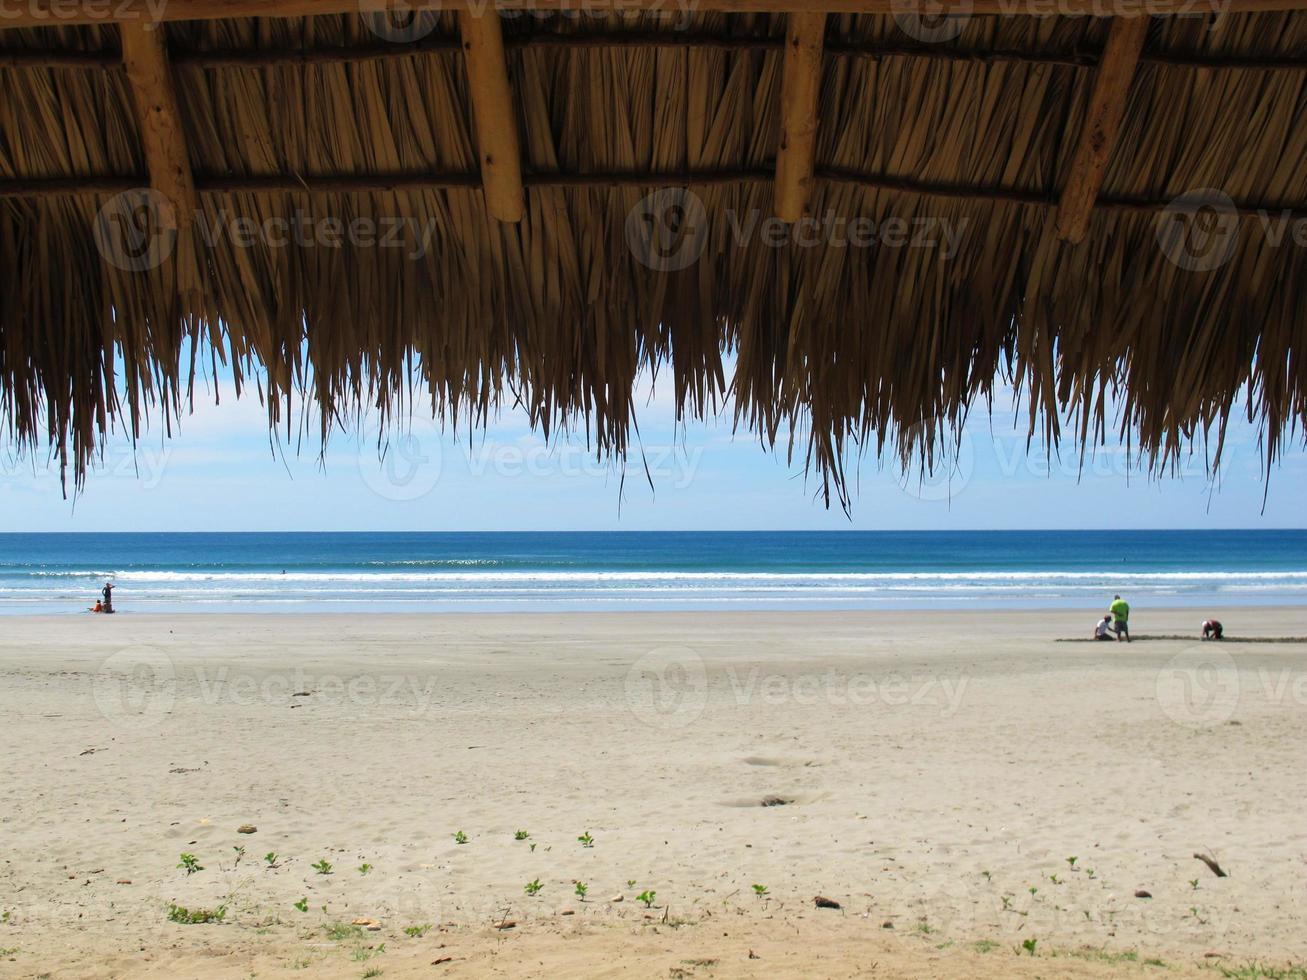 spiaggia tranquilla con foglie di palma cabana. foto